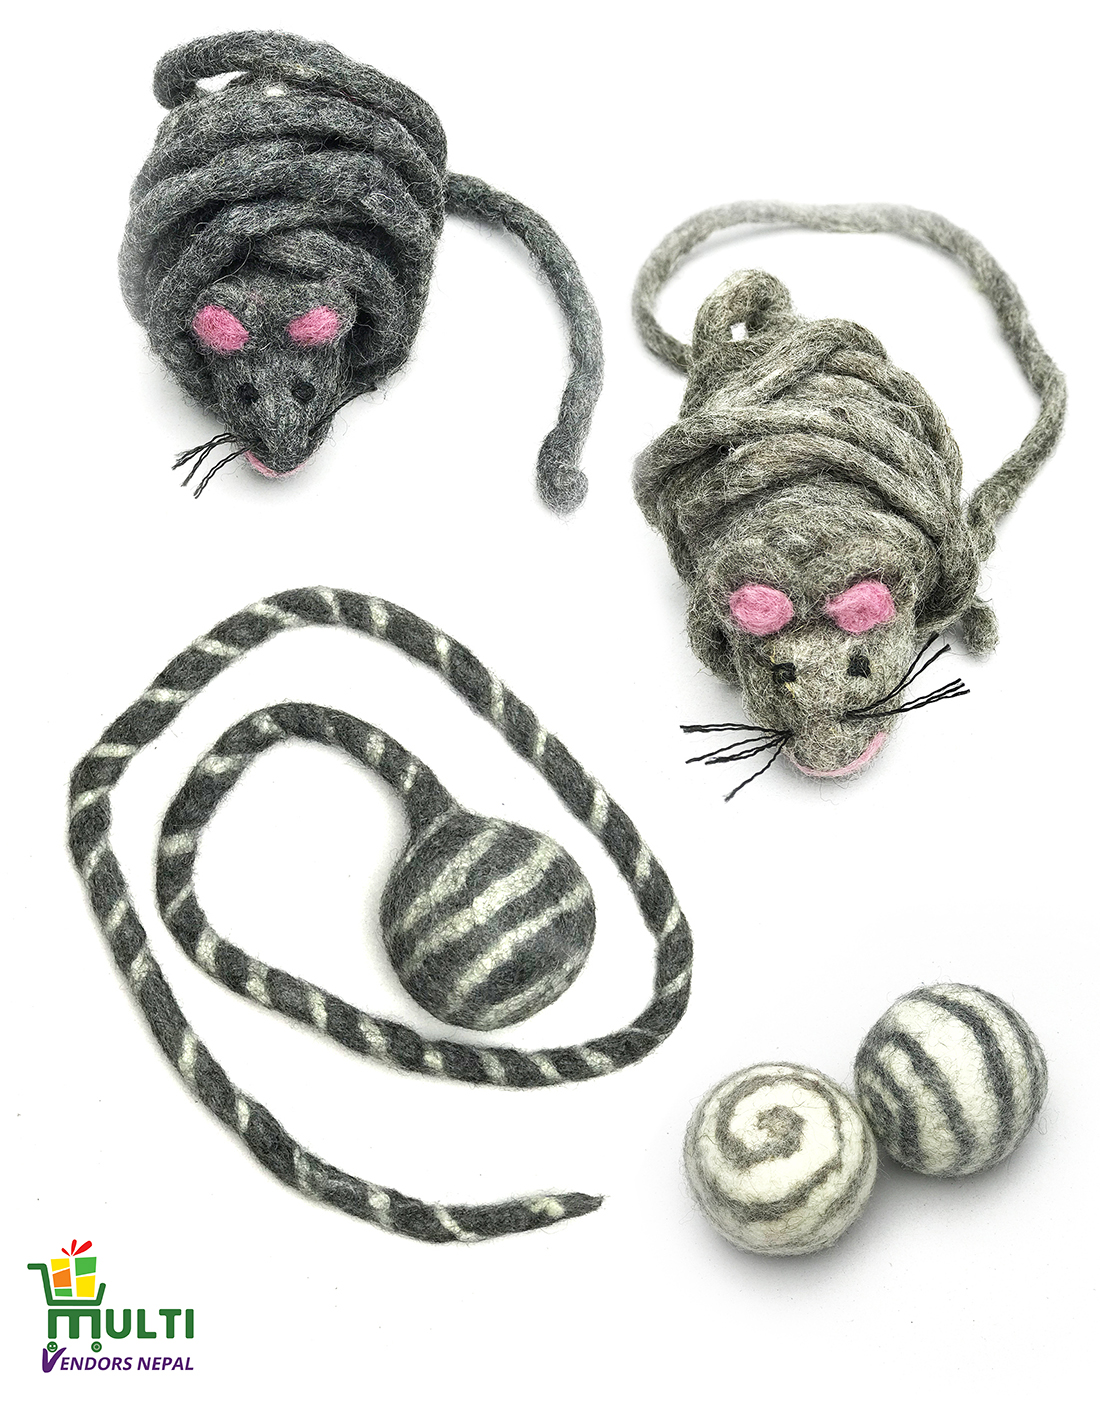 Mixed Set of 100 % Natural Cat Toys -MVSEB-802